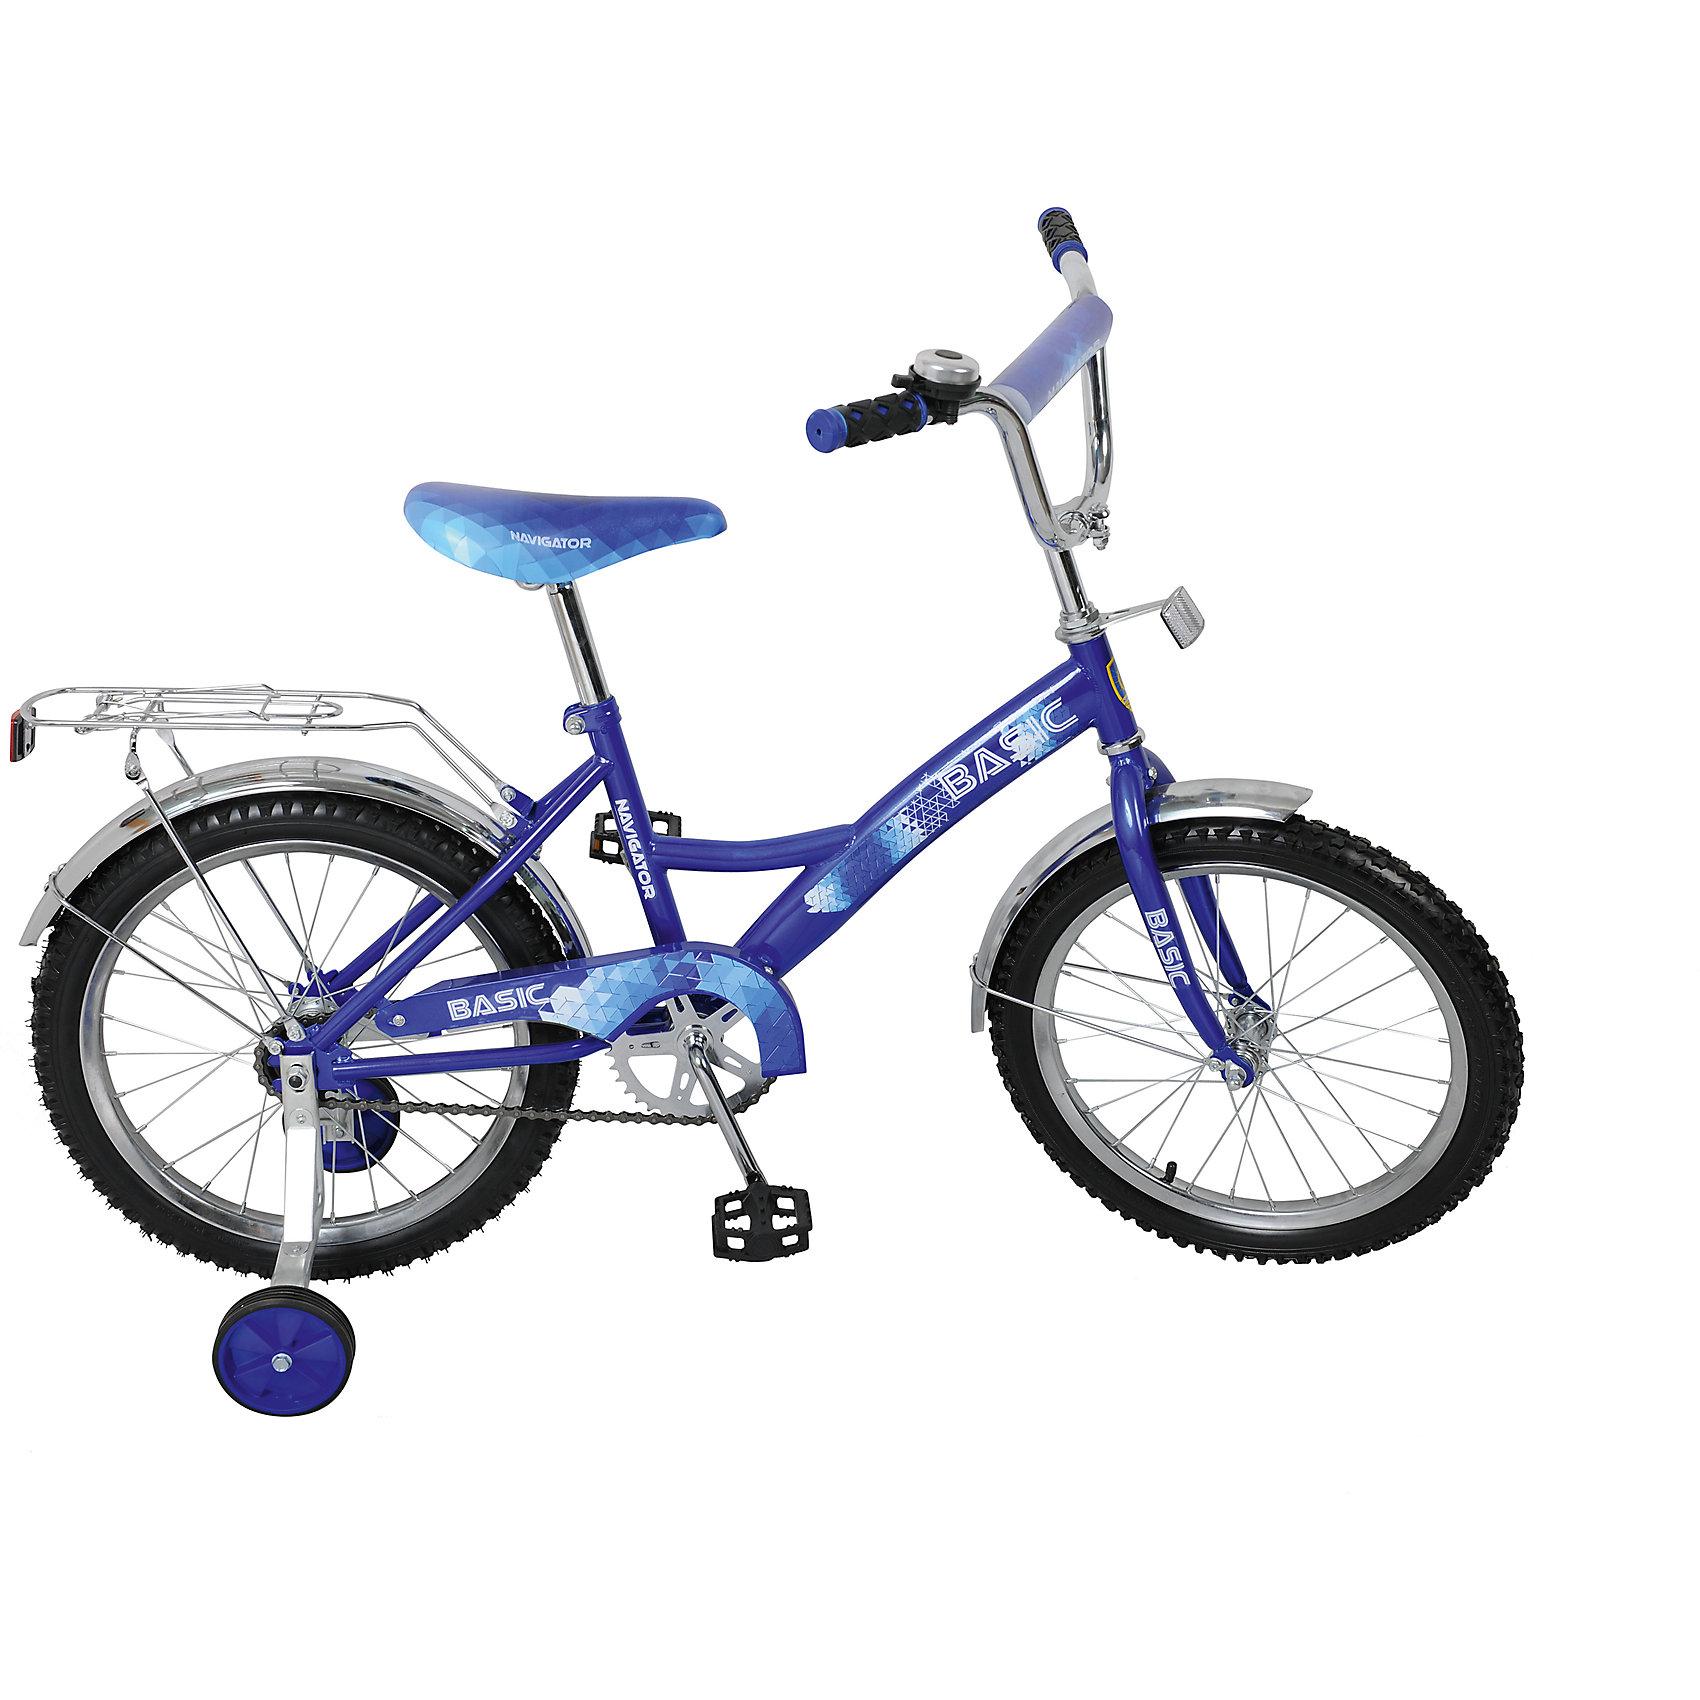 Двухколесный велосипед Basic, синий, NavigatorВелосипеды детские<br>Двухколесный велосипед Basic, синий, Navigator (Навигатор)<br><br>Характеристики:<br><br>• широкие страховочные колеса<br>• удобное сиденье<br>• звонок<br>• багажник<br>• регулируемая высота сиденья и руля<br>• односоставной шатун<br>• колеса из прочной резины<br>• диаметр колес: 18 дюймов<br>• ножной задний тормоз<br>• защита цепи<br>• обод: сталь<br>• рост ребенка: 110-130 см<br>• размер упаковки: 17х46х97 см<br>• вес: 11,9 кг<br>• цвет: синий<br><br>Двухколесный велосипед Basic  - прекрасный подарок для юных спортсменов. Он отлично подойдет для детей, которые уже умеют кататься, и для детей, начинающих осваивать велоспорт. После того, как ребенок научится кататься самостоятельно, вы сможете снять страховочные колеса. Высота сиденья и руля регулируются по росту ребенка. <br><br>Сиденье имеет мягкий наполнитель, удобный ребенку. Колеса диаметром 18 дюймов изготовлены из прочной резины. Велосипед оснащен защитой цепи и задним тормозом. Багажник над верхним колесом позволит ребенку перевезти необходимые вещи, не прилагая дополнительных усилий. Велосипед имеет стильный дизайн, который идеально подойдет маленькому гонщику.<br><br>Двухколесный велосипед Basic, синий, Navigator (Навигатор) можно купить в нашем интернет-магазине.<br><br>Ширина мм: 970<br>Глубина мм: 460<br>Высота мм: 170<br>Вес г: 11900<br>Возраст от месяцев: 72<br>Возраст до месяцев: 2147483647<br>Пол: Мужской<br>Возраст: Детский<br>SKU: 5440874